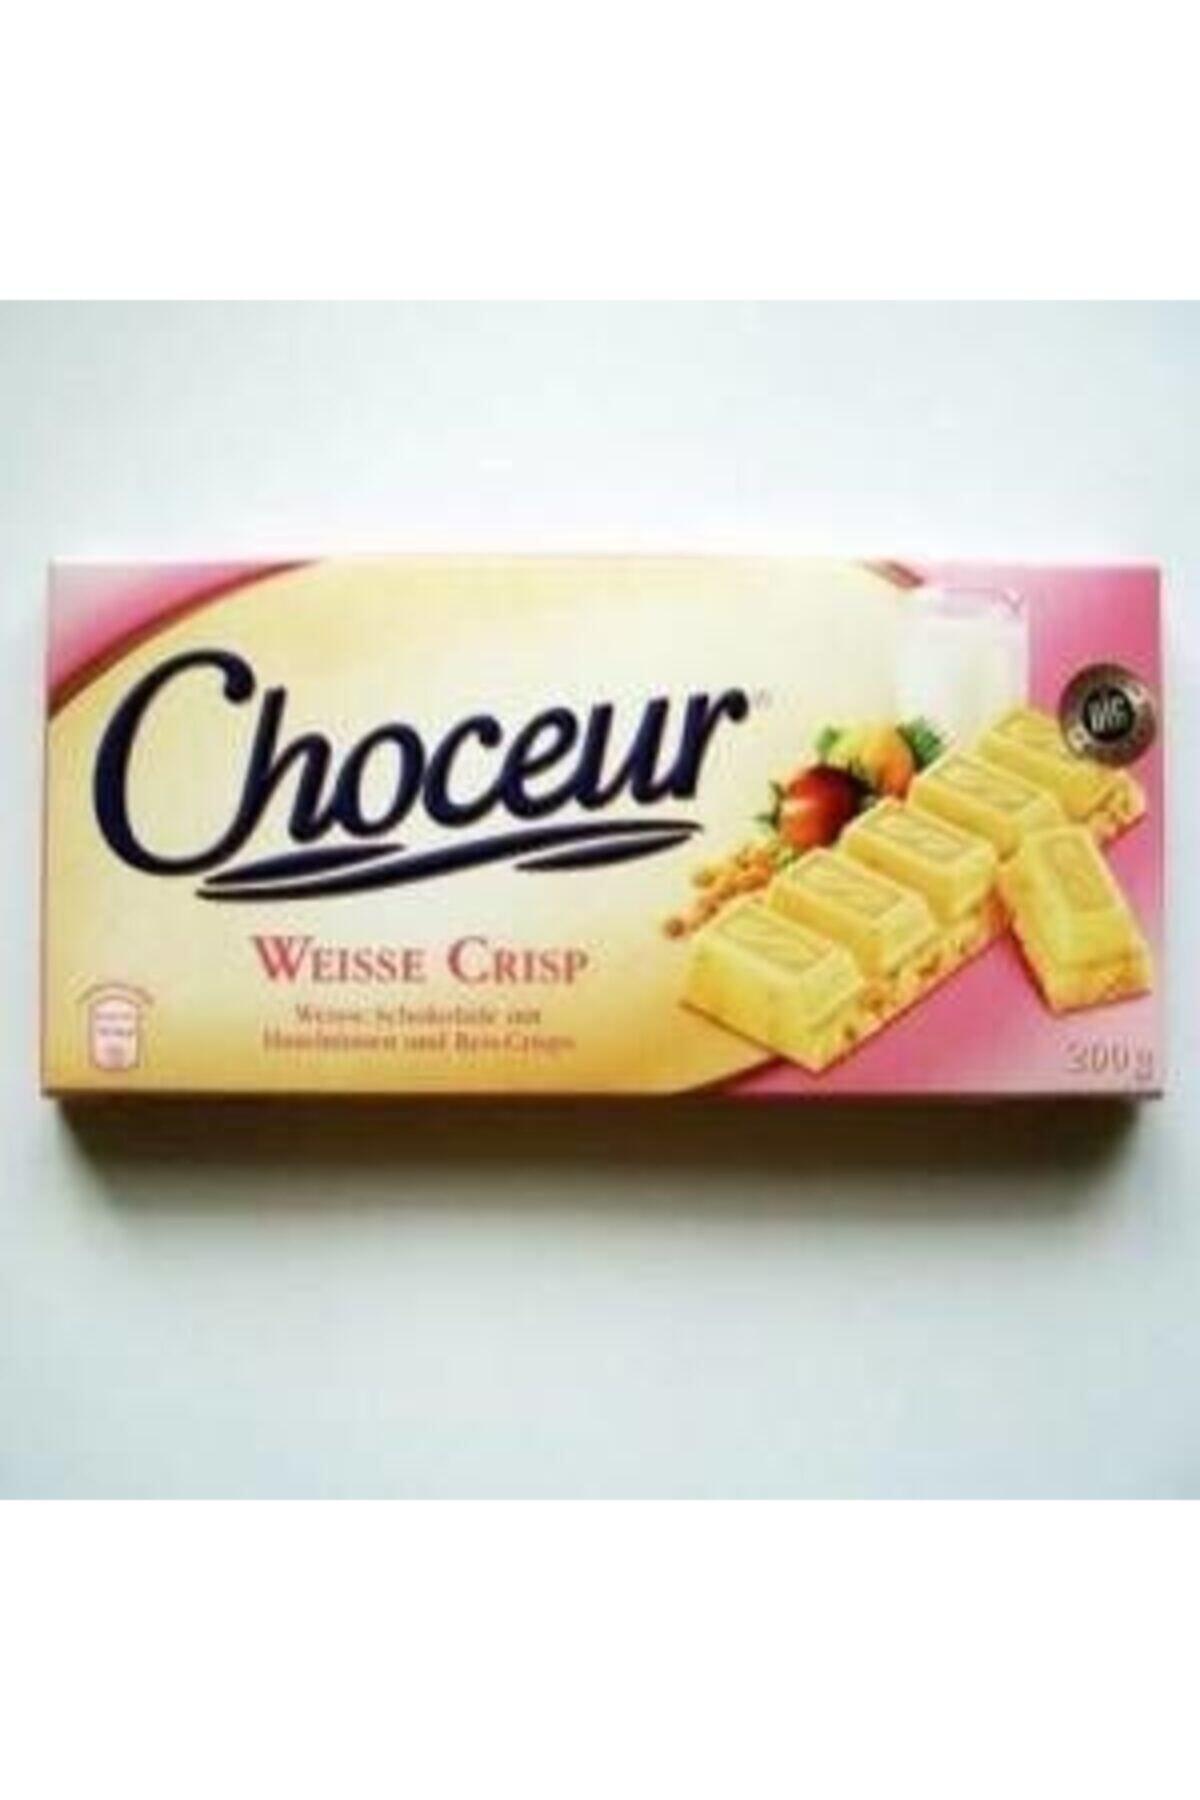 Choceur Weisse Crisp 200 gr - Fındıklı Beyaz Çikolata 1